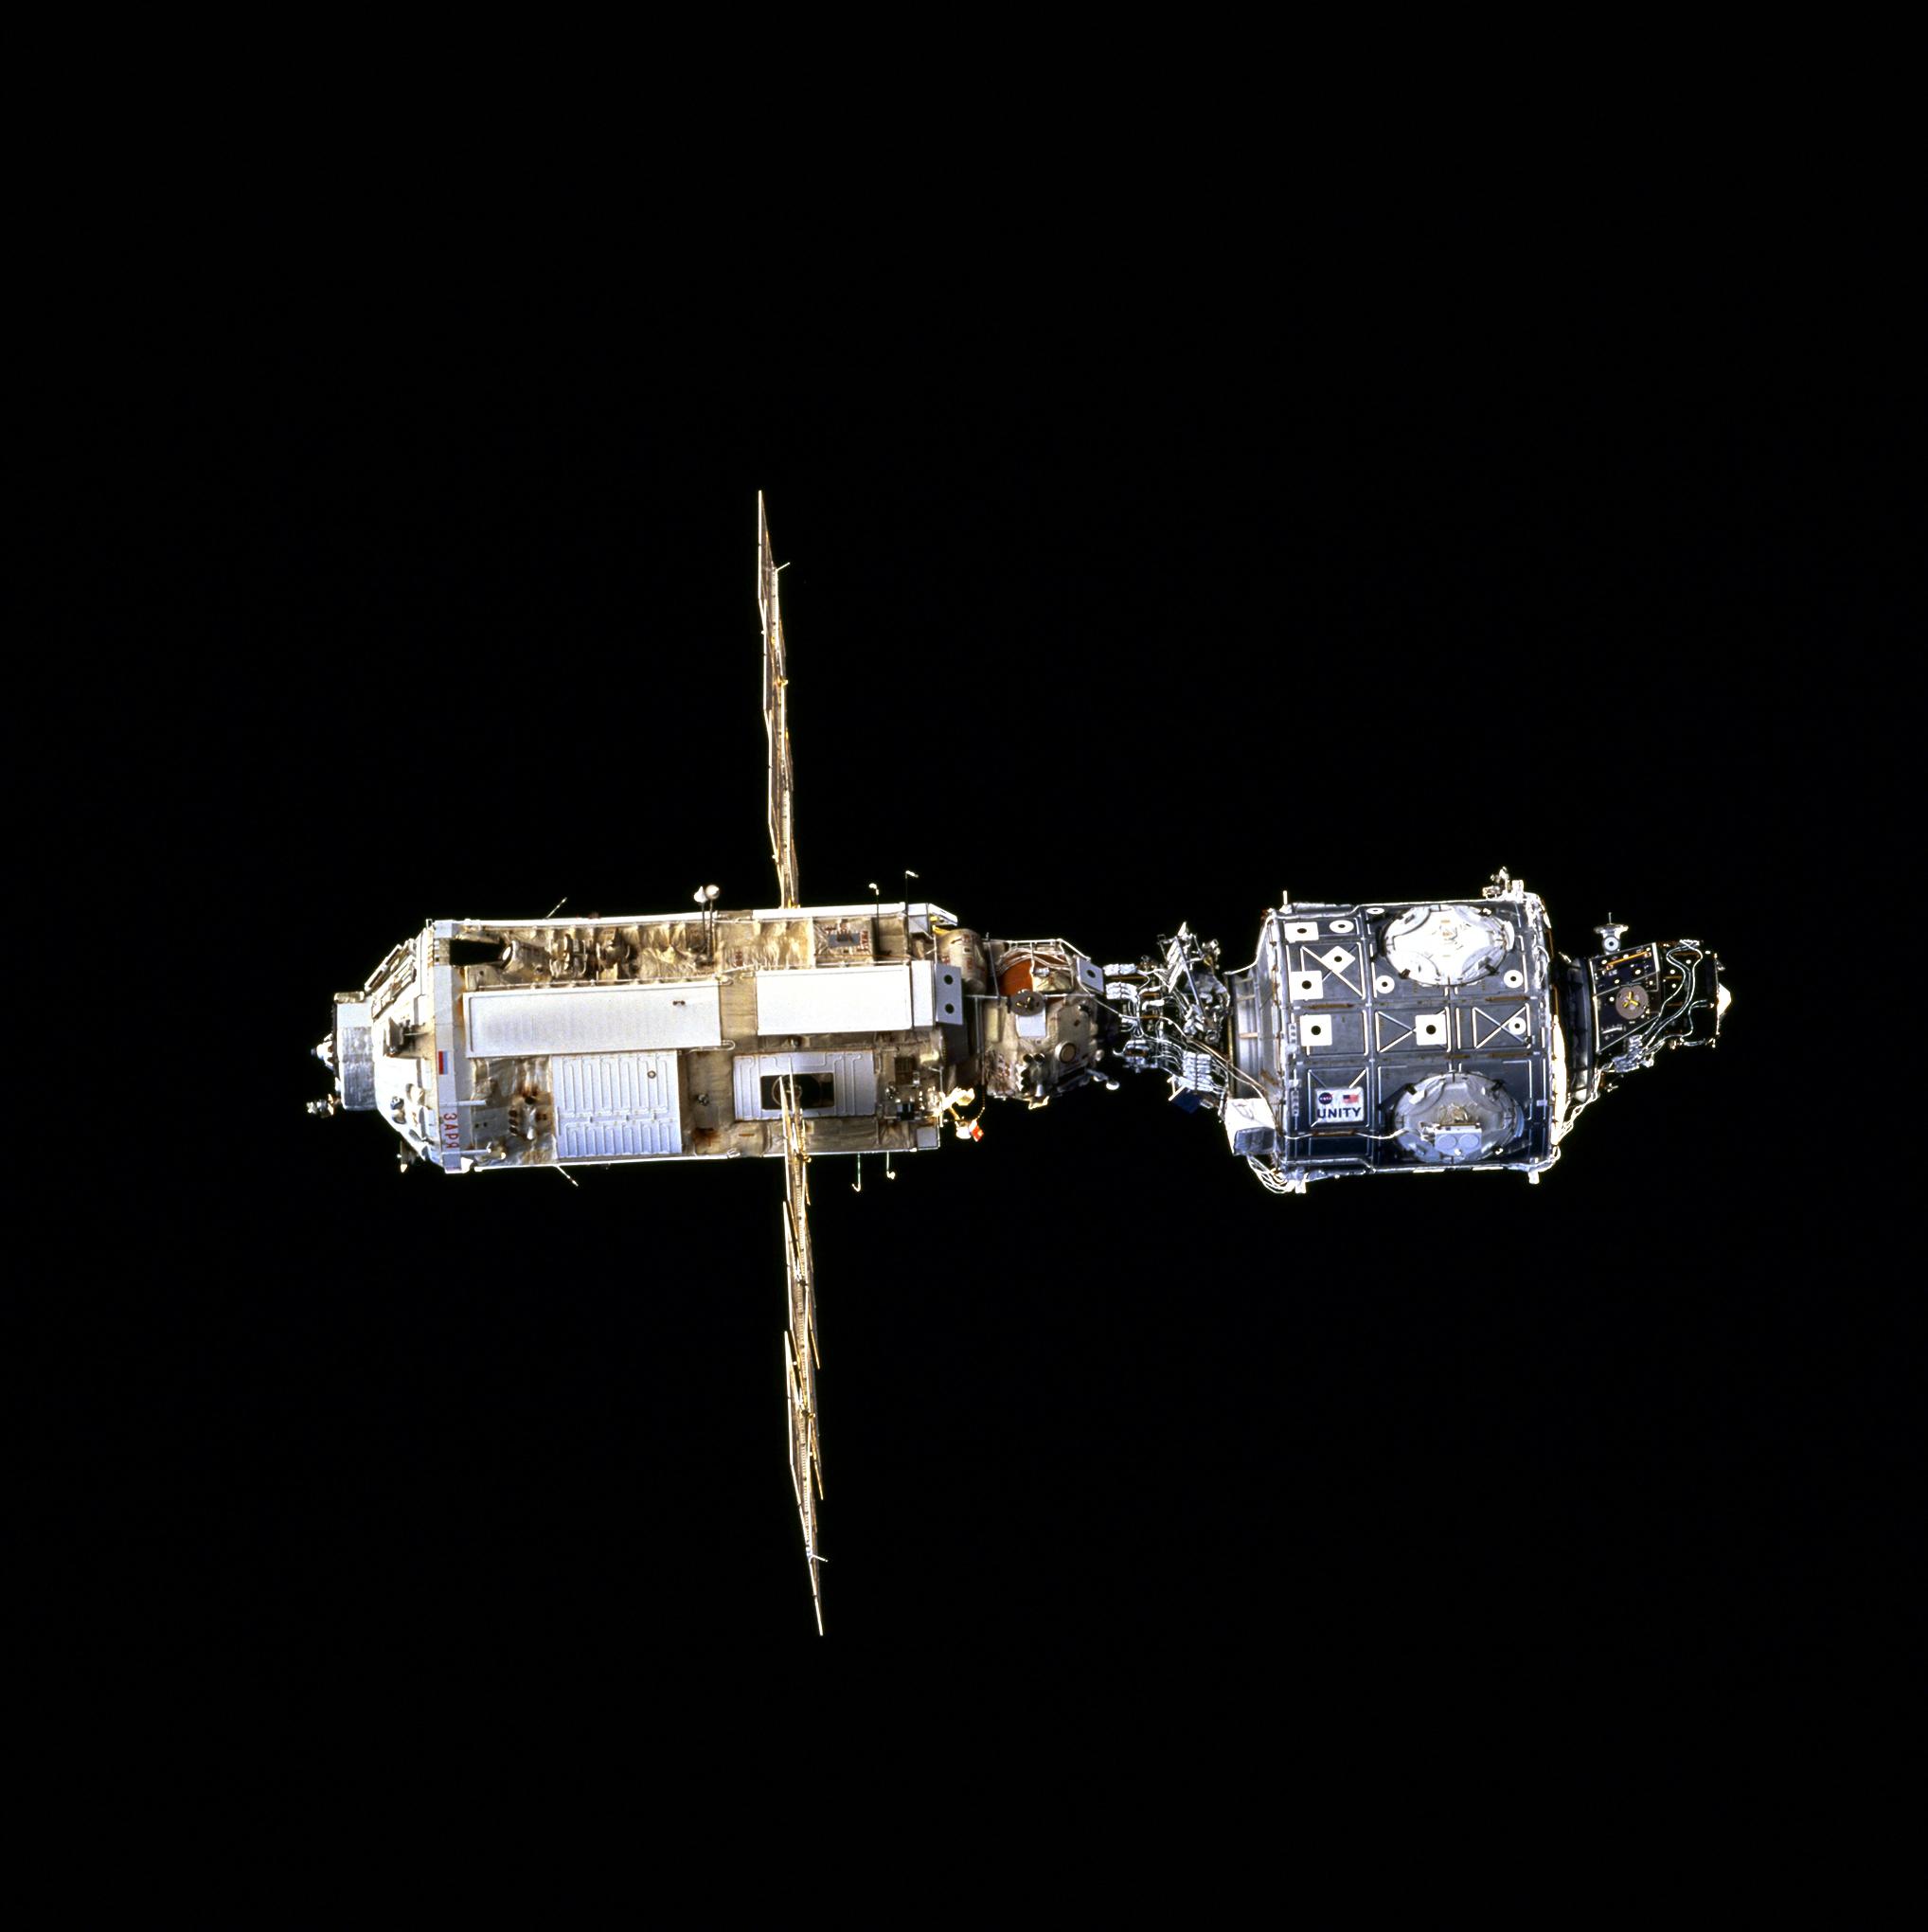 main space station nasa - photo #40